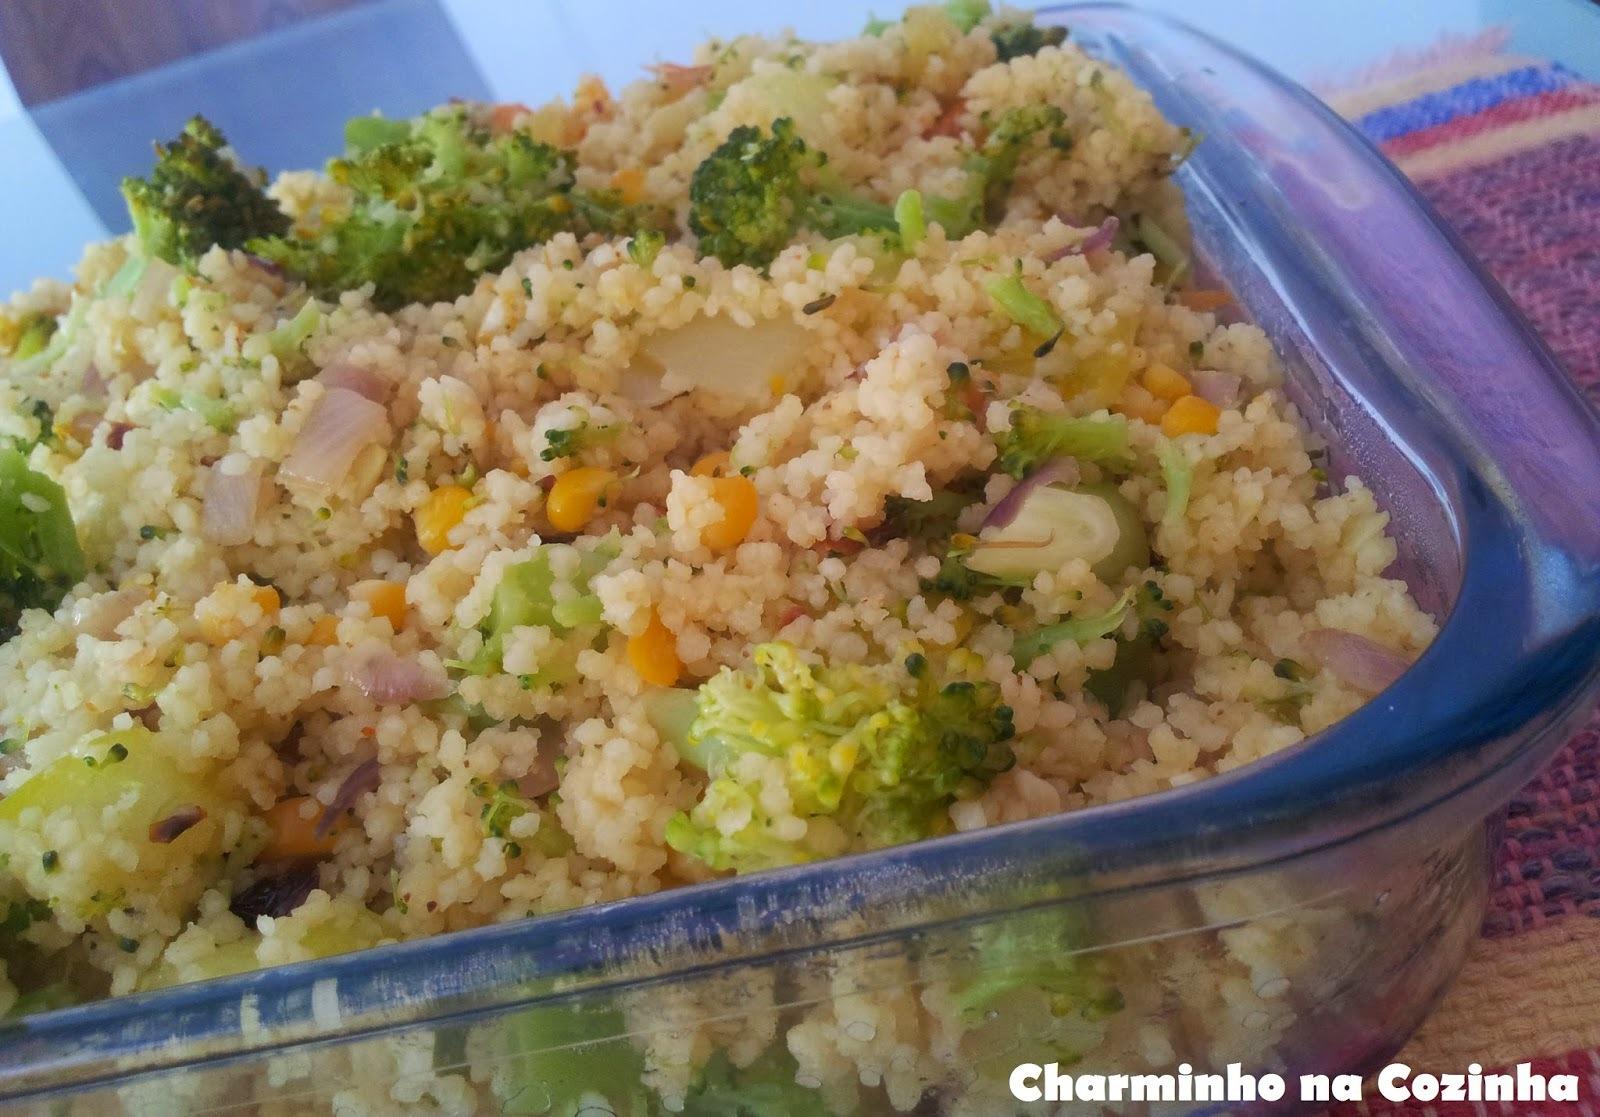 Couscous marroquino com brócolis